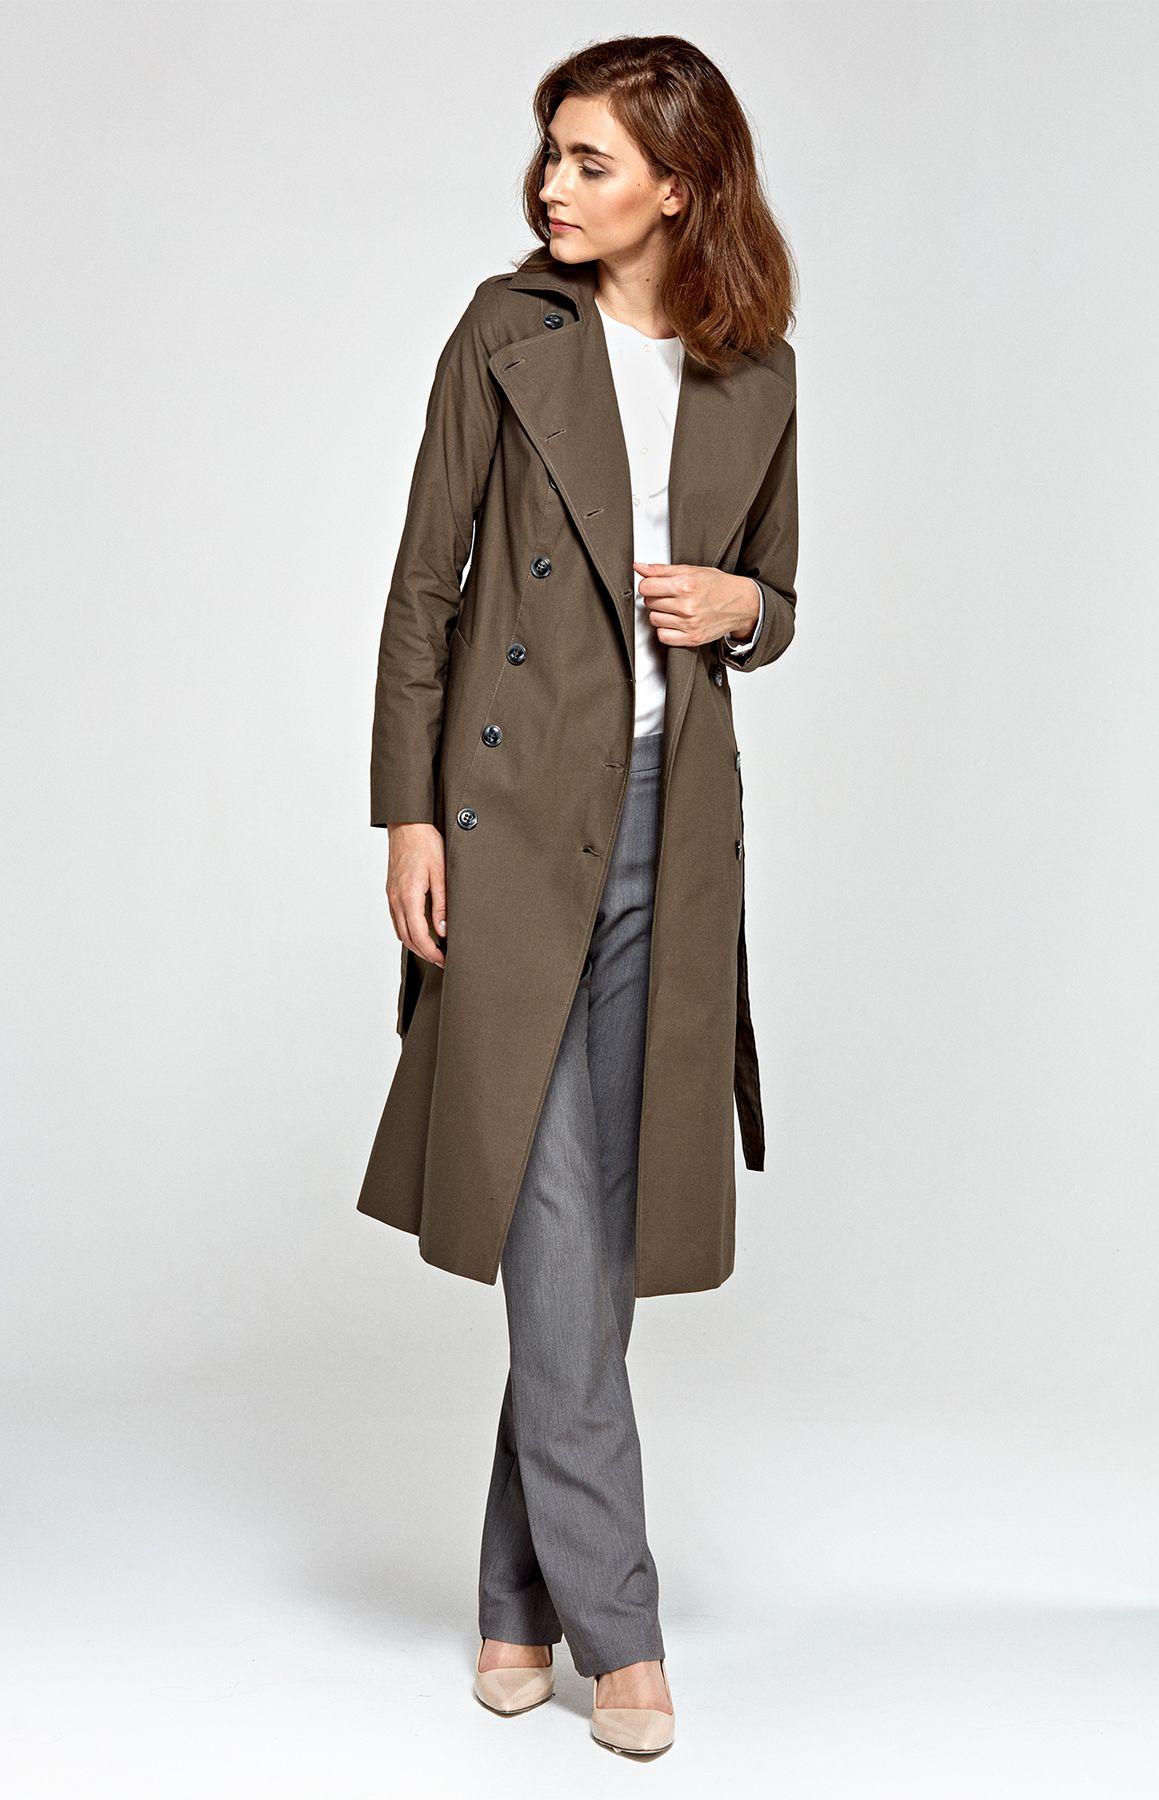 Manteau long femme kaki